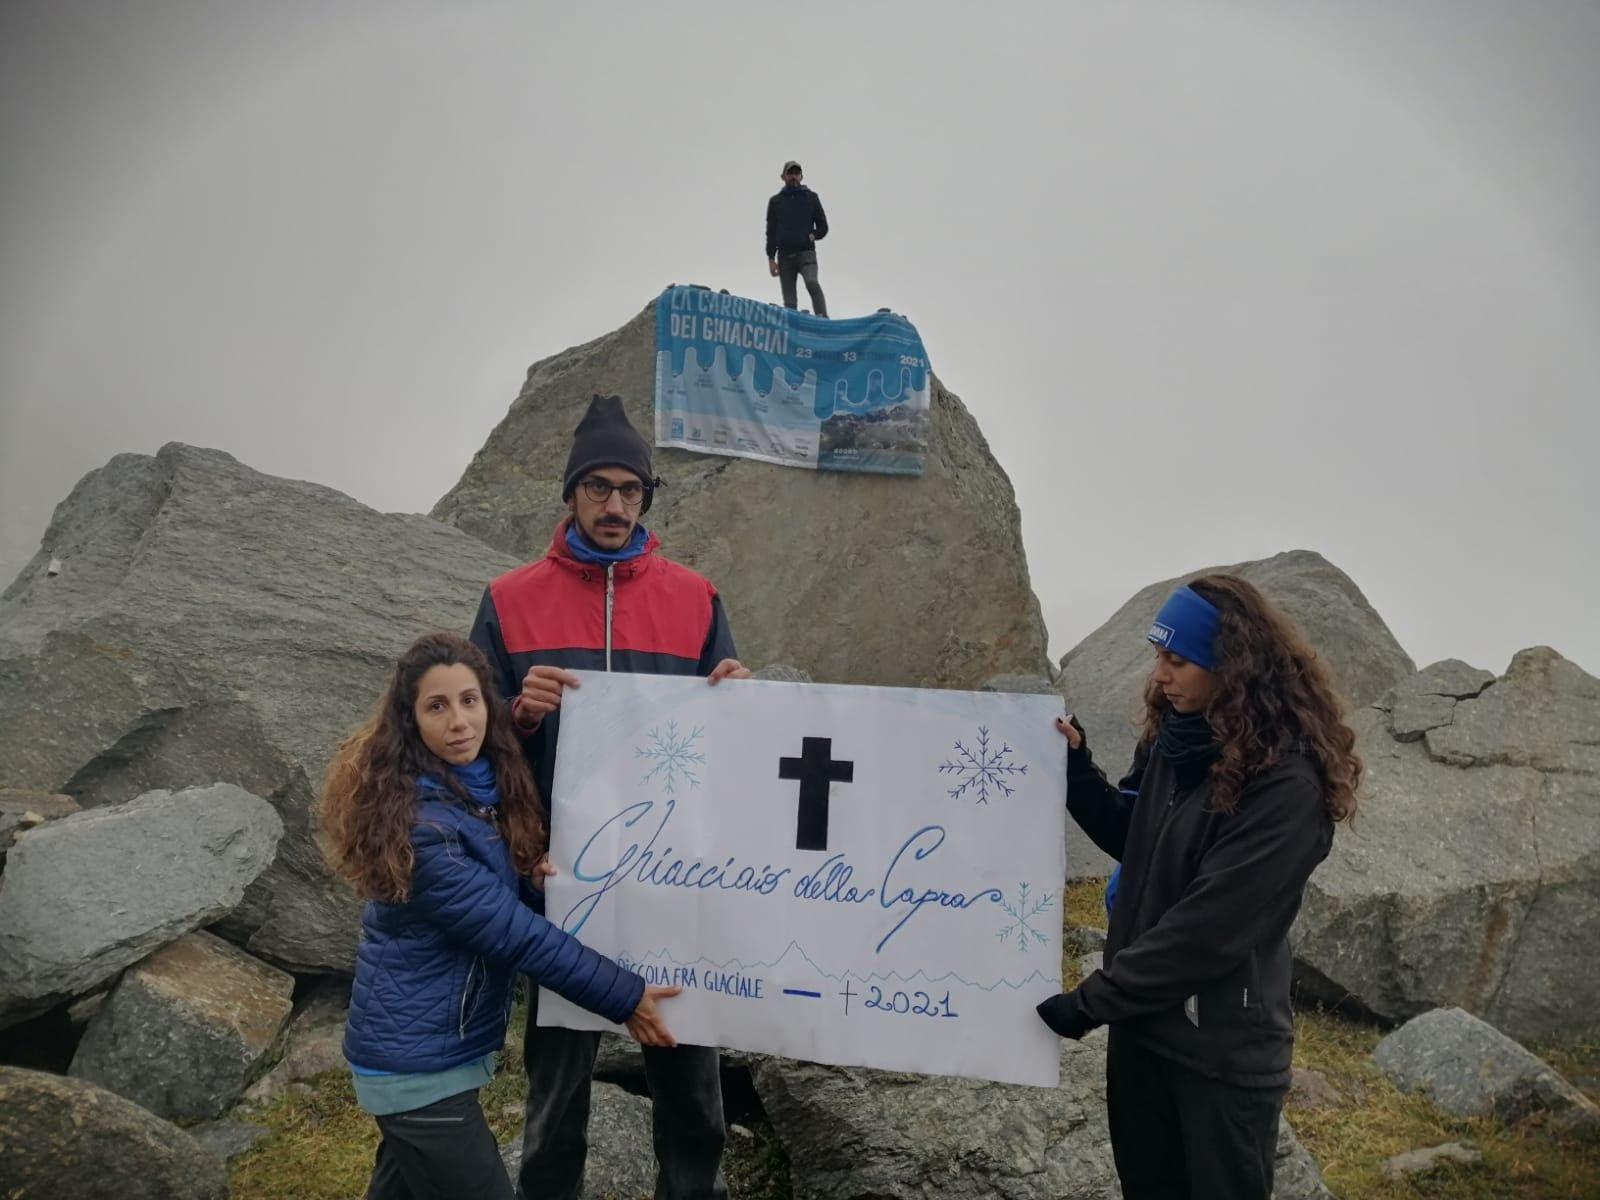 CERESOLE REALE - I ghiacciai del Gran Paradiso rischiano di sparire a causa del riscaldamento globale